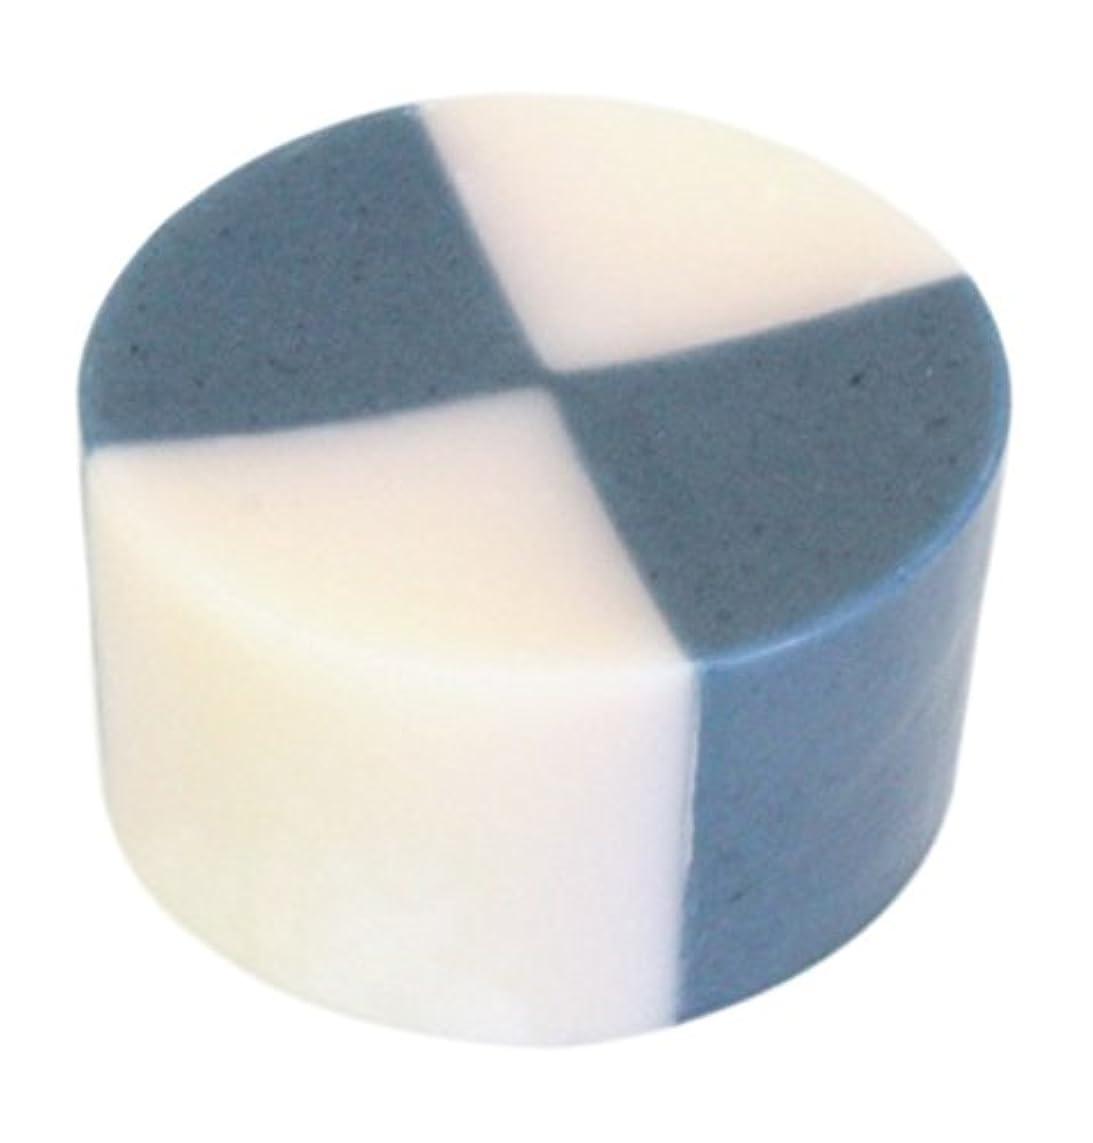 機会決して基礎藍色工房 藍染め石けん「いちまつ」(60g)